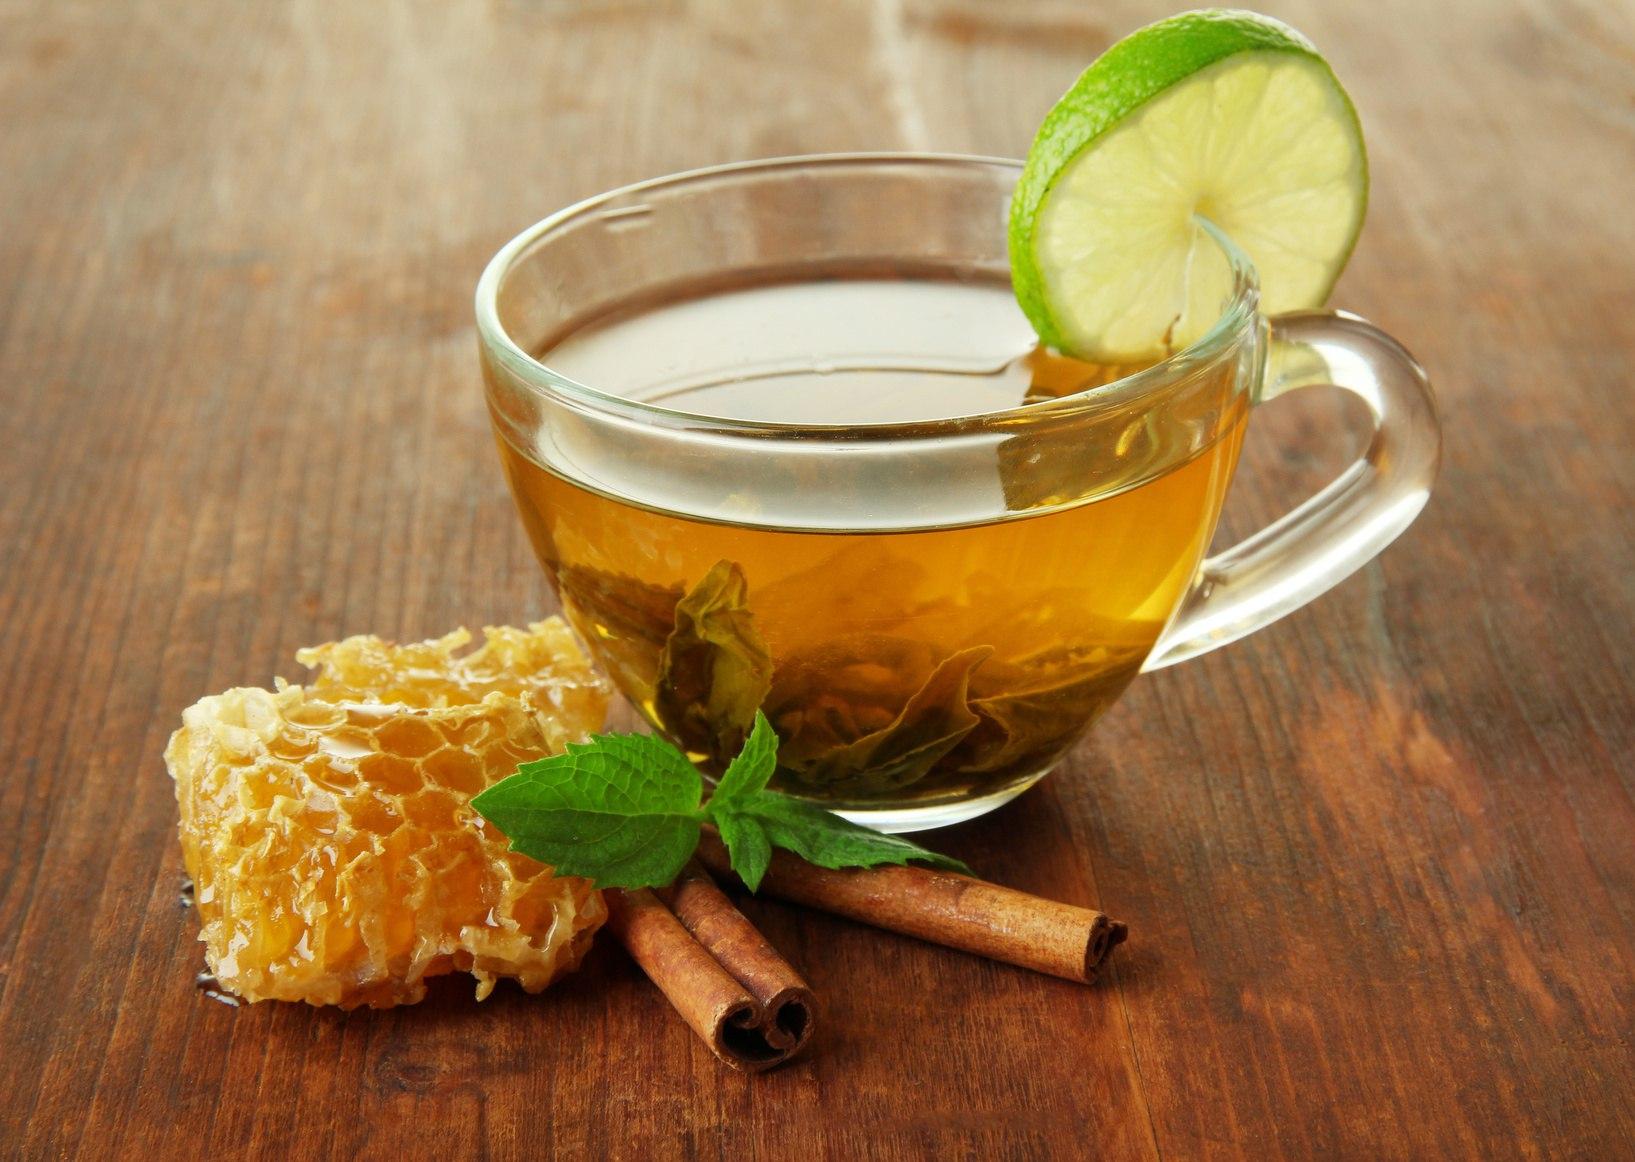 купить чай на подарок в Ростове